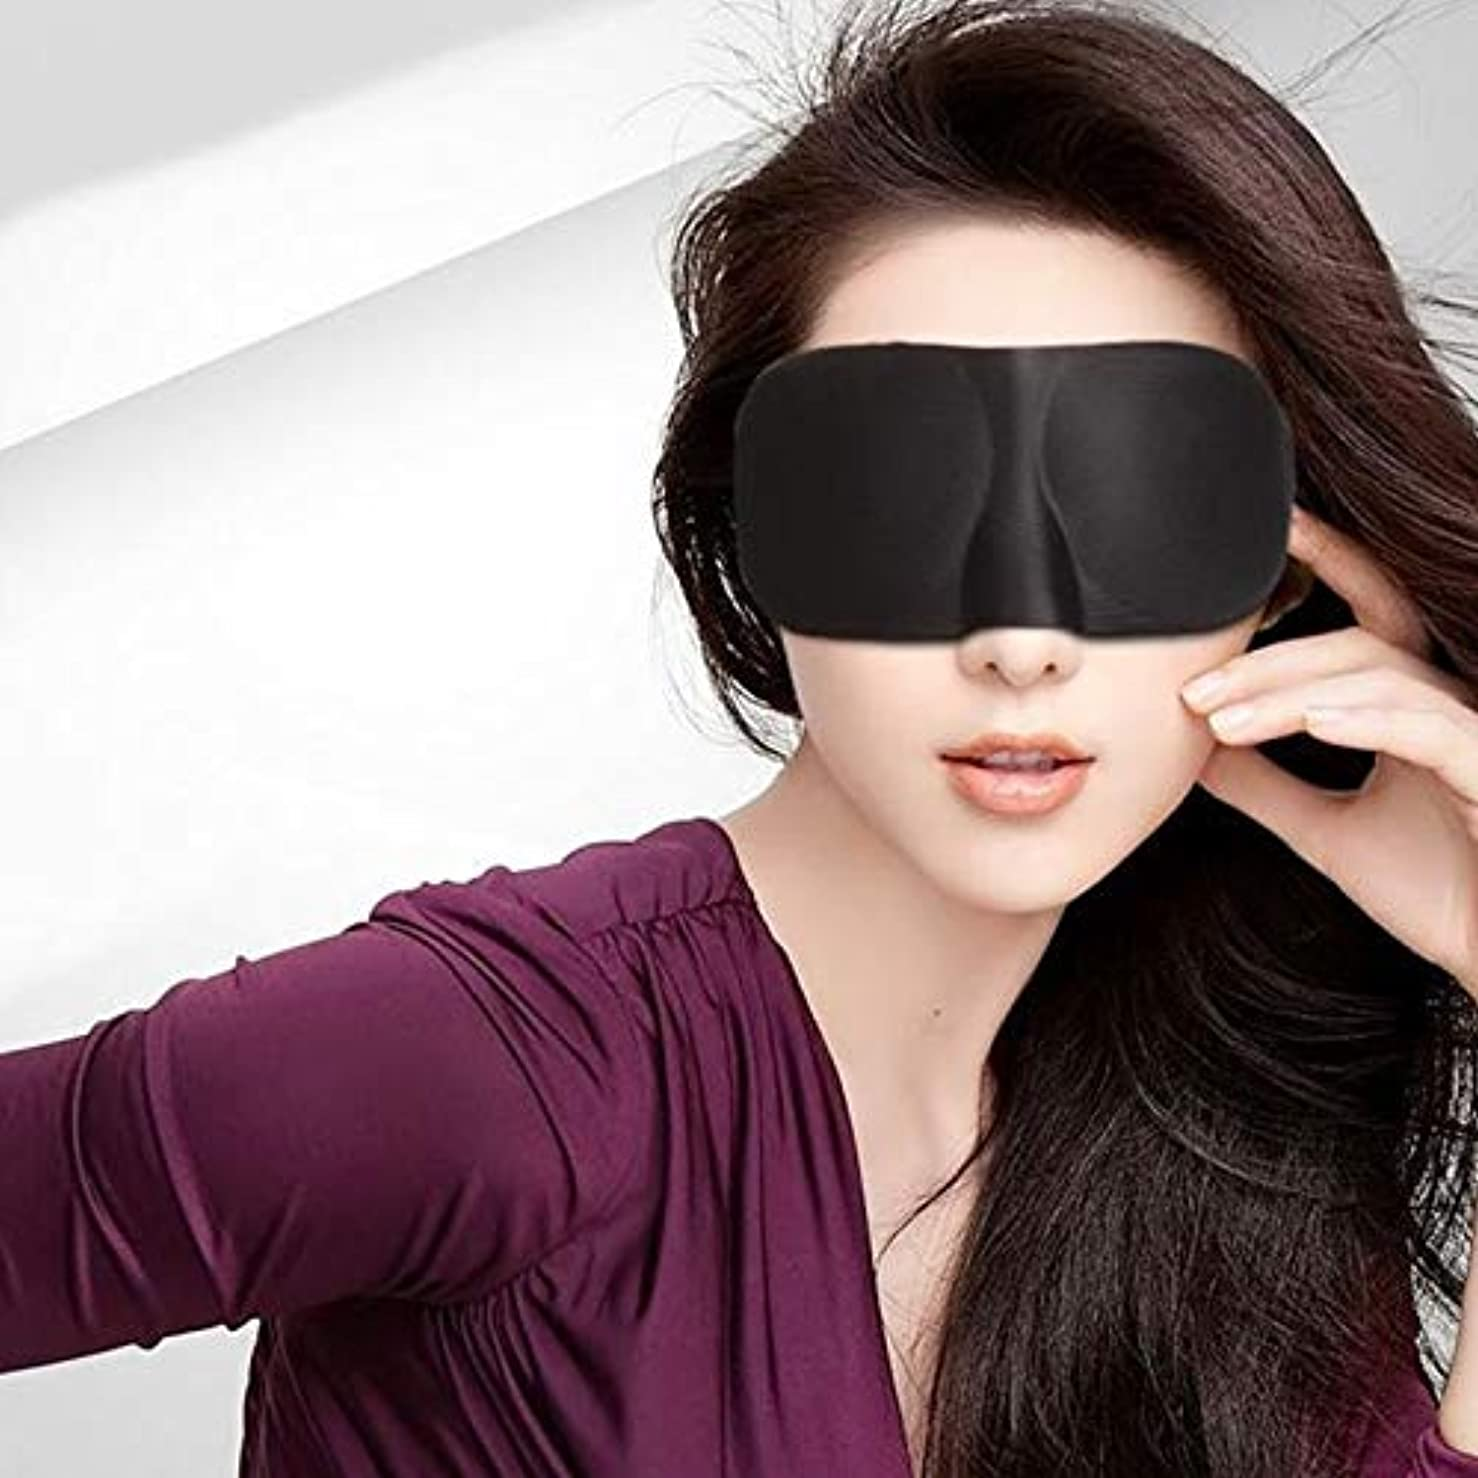 乱闘曲がったしなやかな注1ピース3d睡眠マスクソフトアイマスクカバーポータブル旅行睡眠アイシェードブラインドアイパッチエイドリラックス休憩目隠しアイパッチ